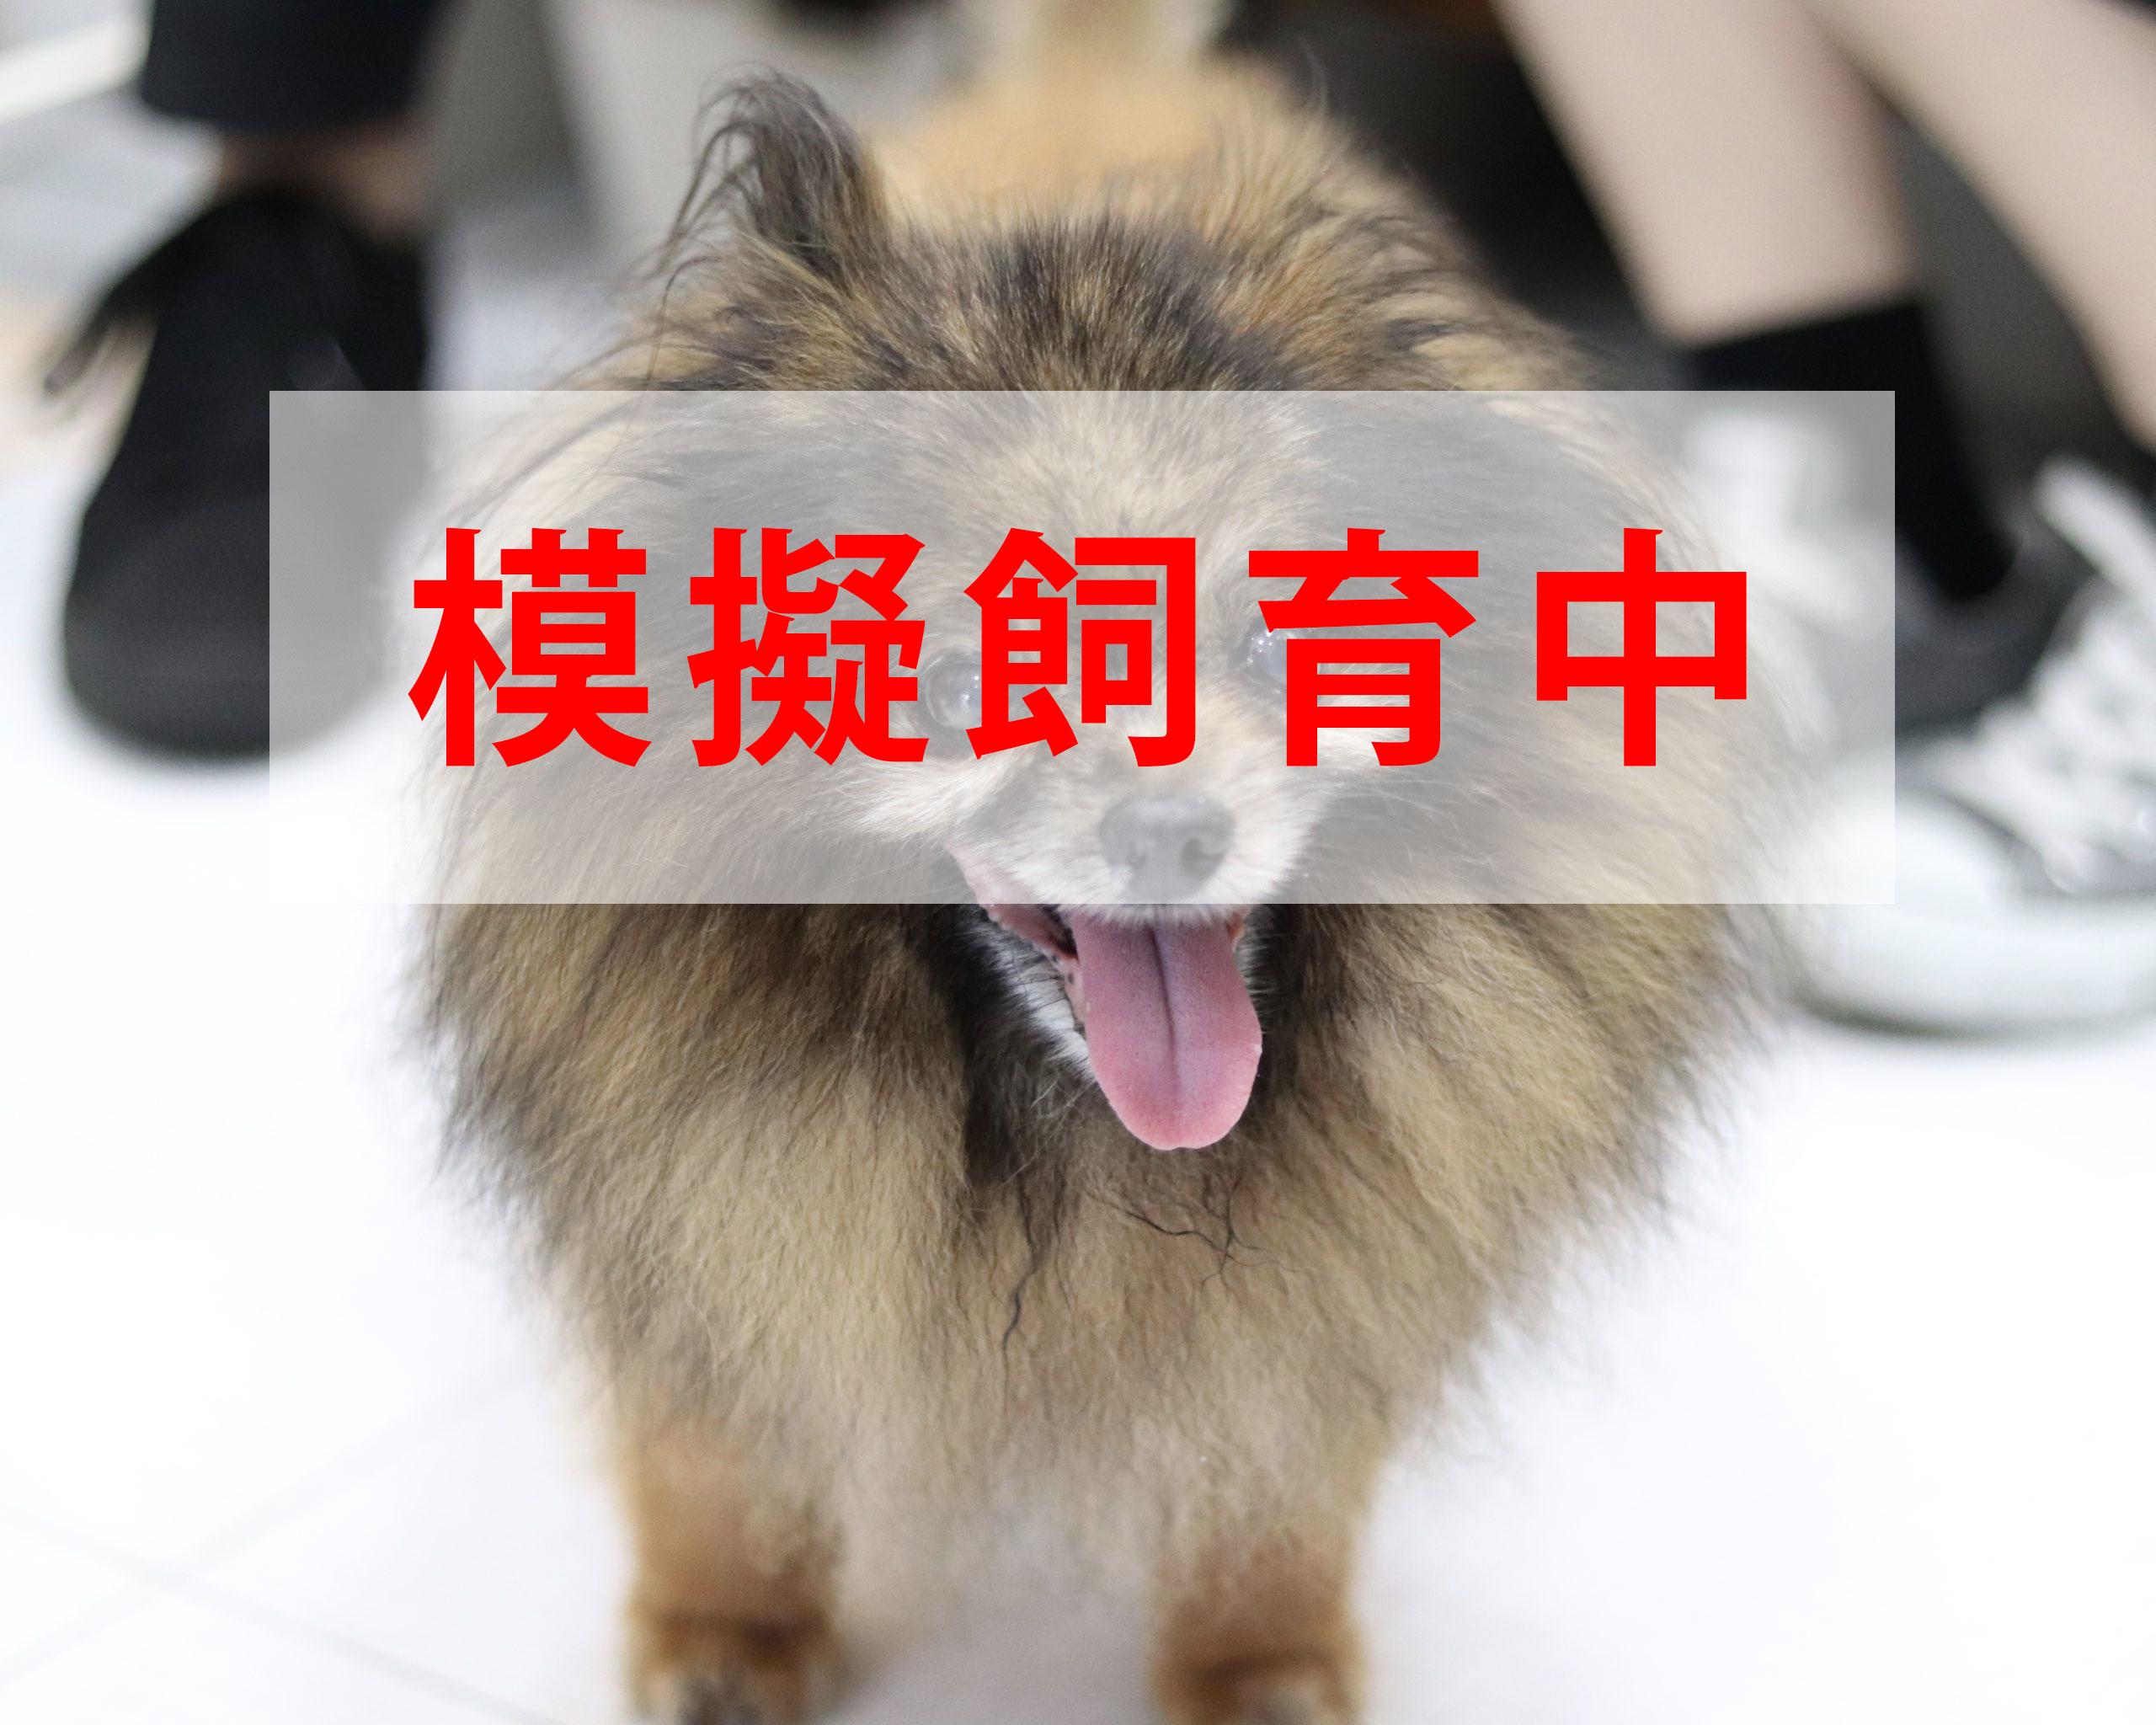 <ul> <li>犬種:ポメラニアン</li> <li>性別:男の子</li> <li>名前:こあさ</li> <li>年齢:2005〜2007年頃生まれ</li> <li>保護経緯:飼い主が高齢で病気療養になり、親族も引継いで飼うことが困難</li> </ul>